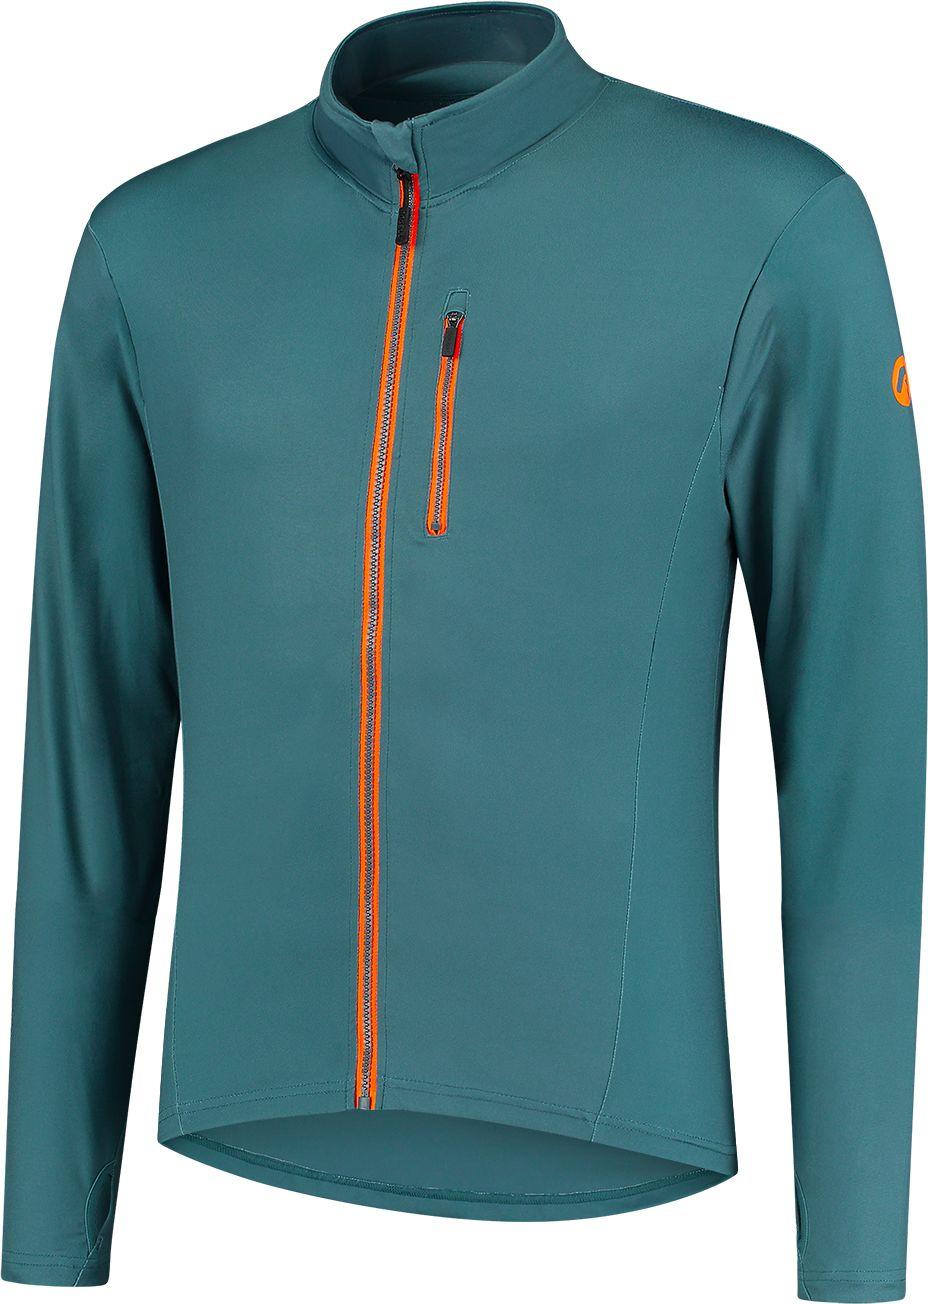 ROGELLI Bluza do biegania męska ESSENCE - niebieska Rozmiar: 2XL,830.828.XL